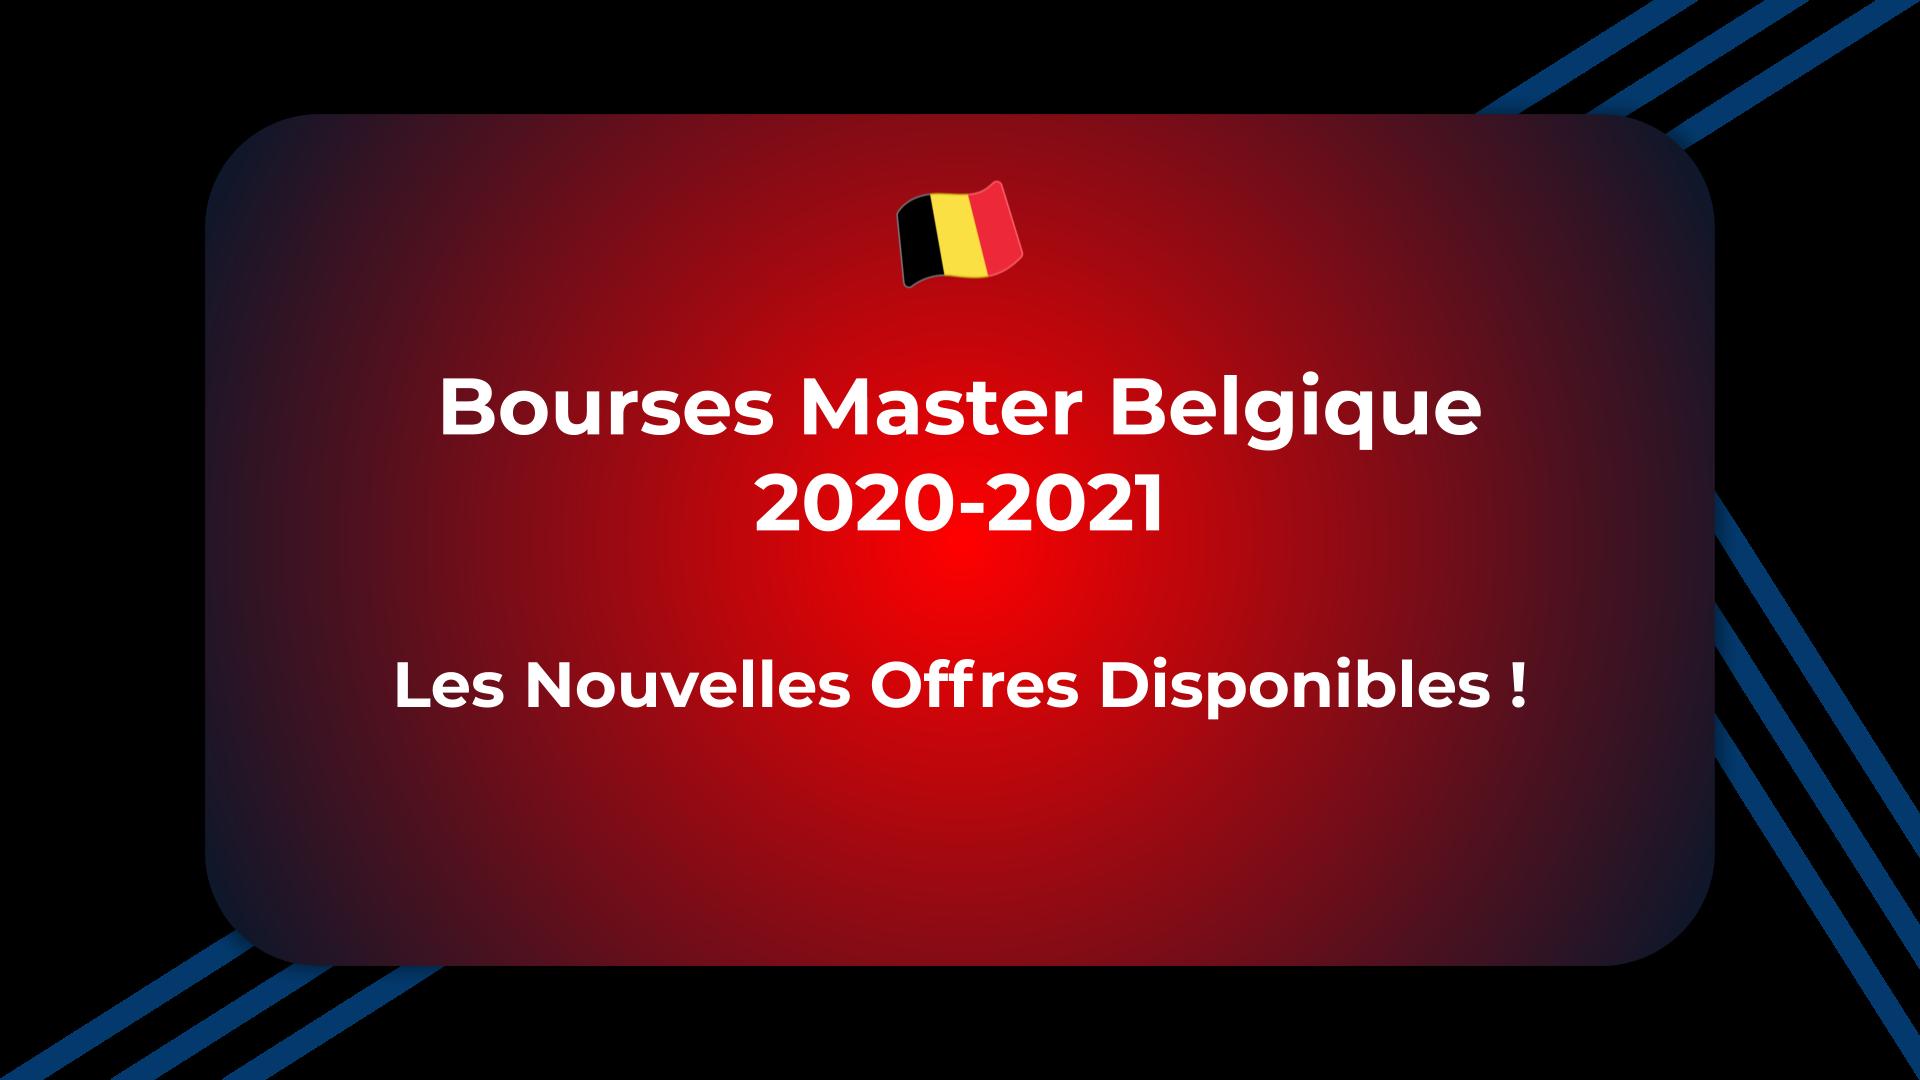 Bourses Master Belgique 2020-2021